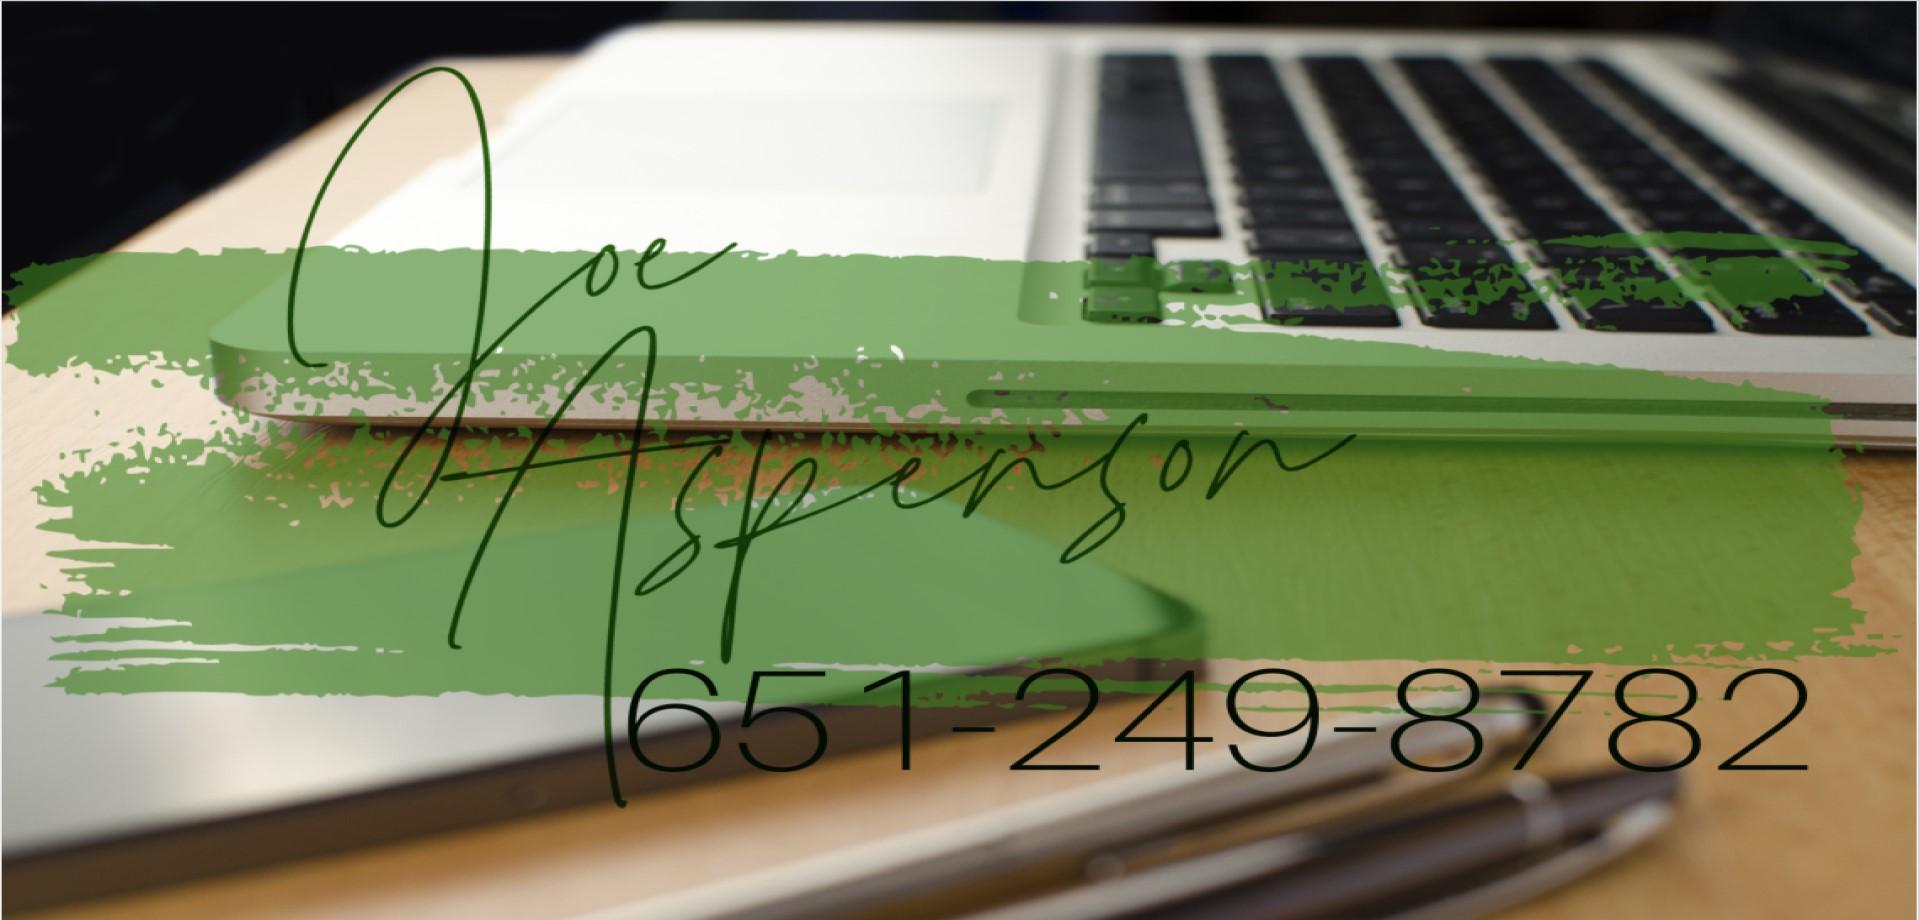 Joe Aspenson 651-249-8782